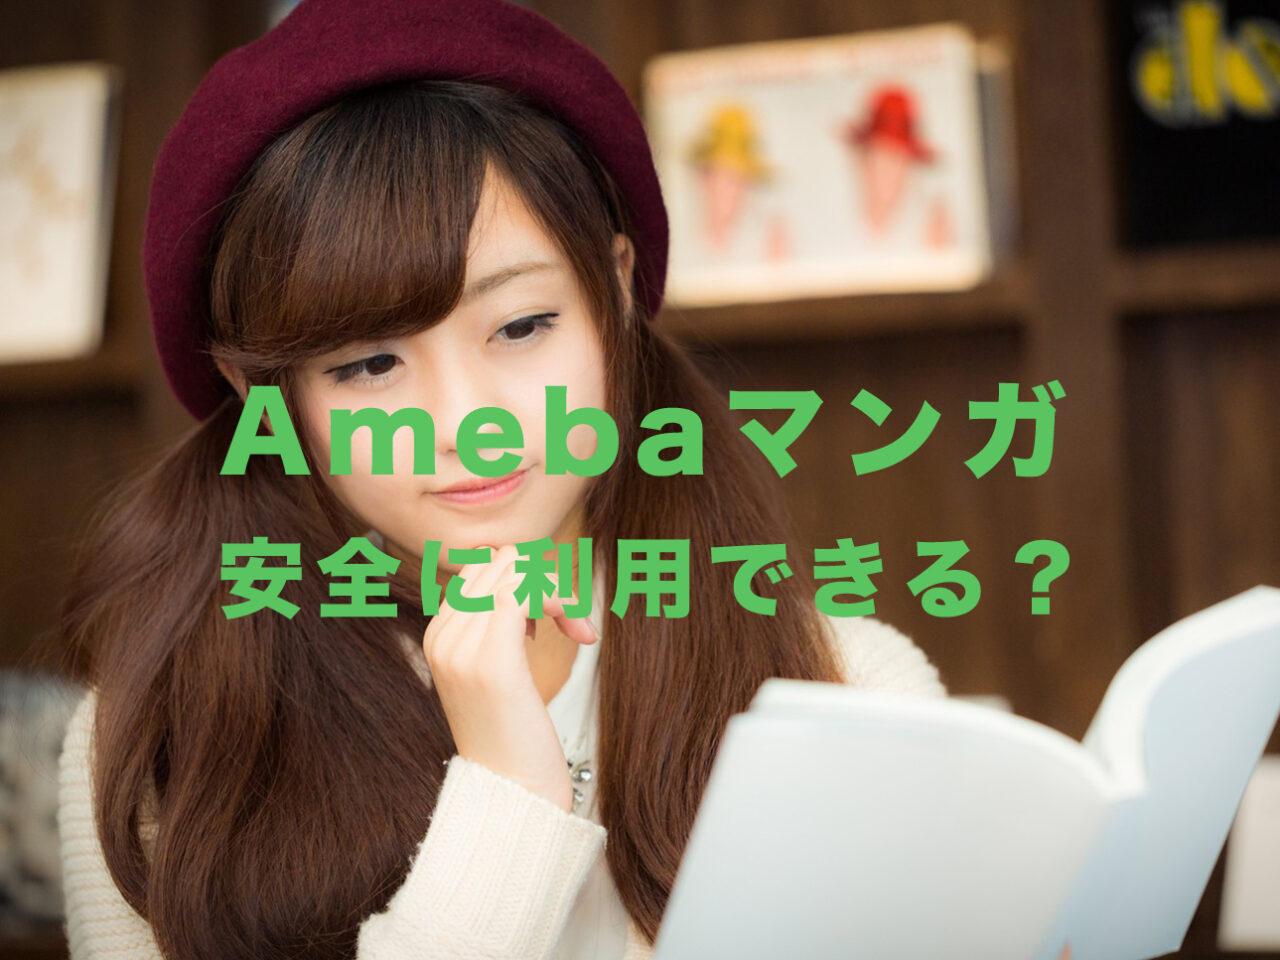 Amebaマンガ(アメーバマンガ)は安全?【漫画アプリ&サイト】のサムネイル画像